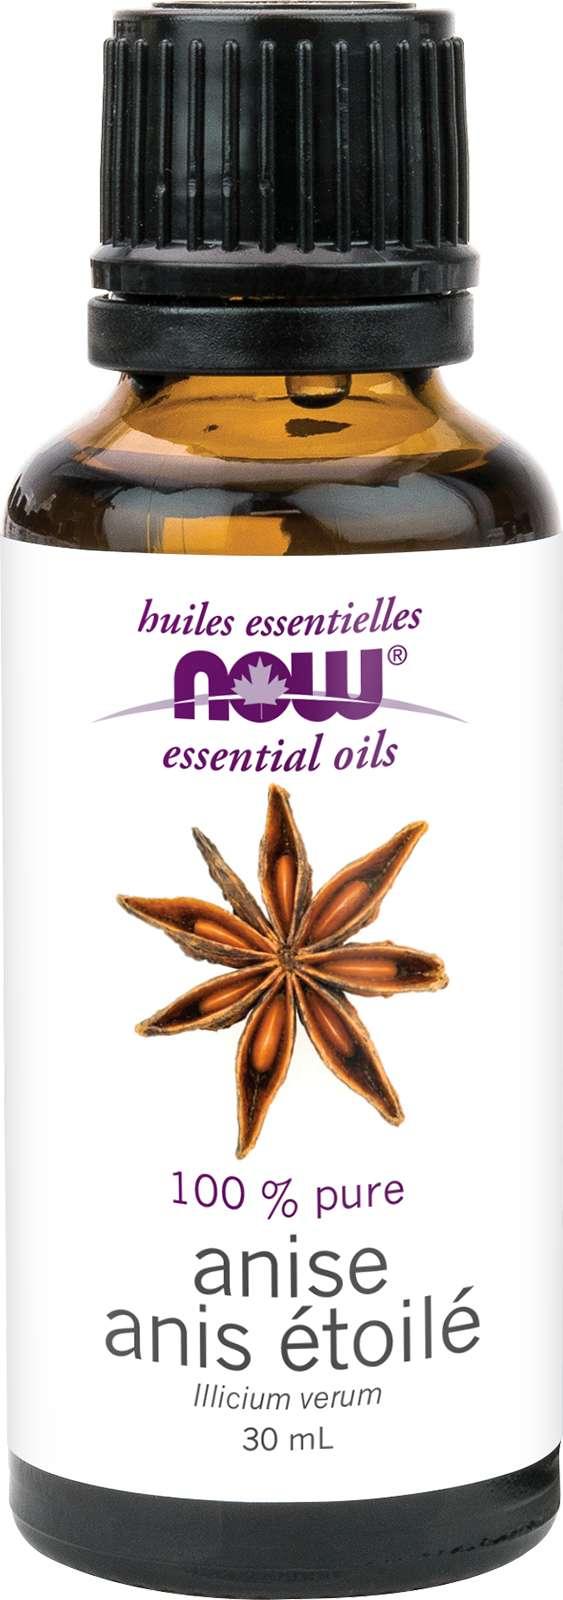 Anise Oil (Illicium verum) 30mL